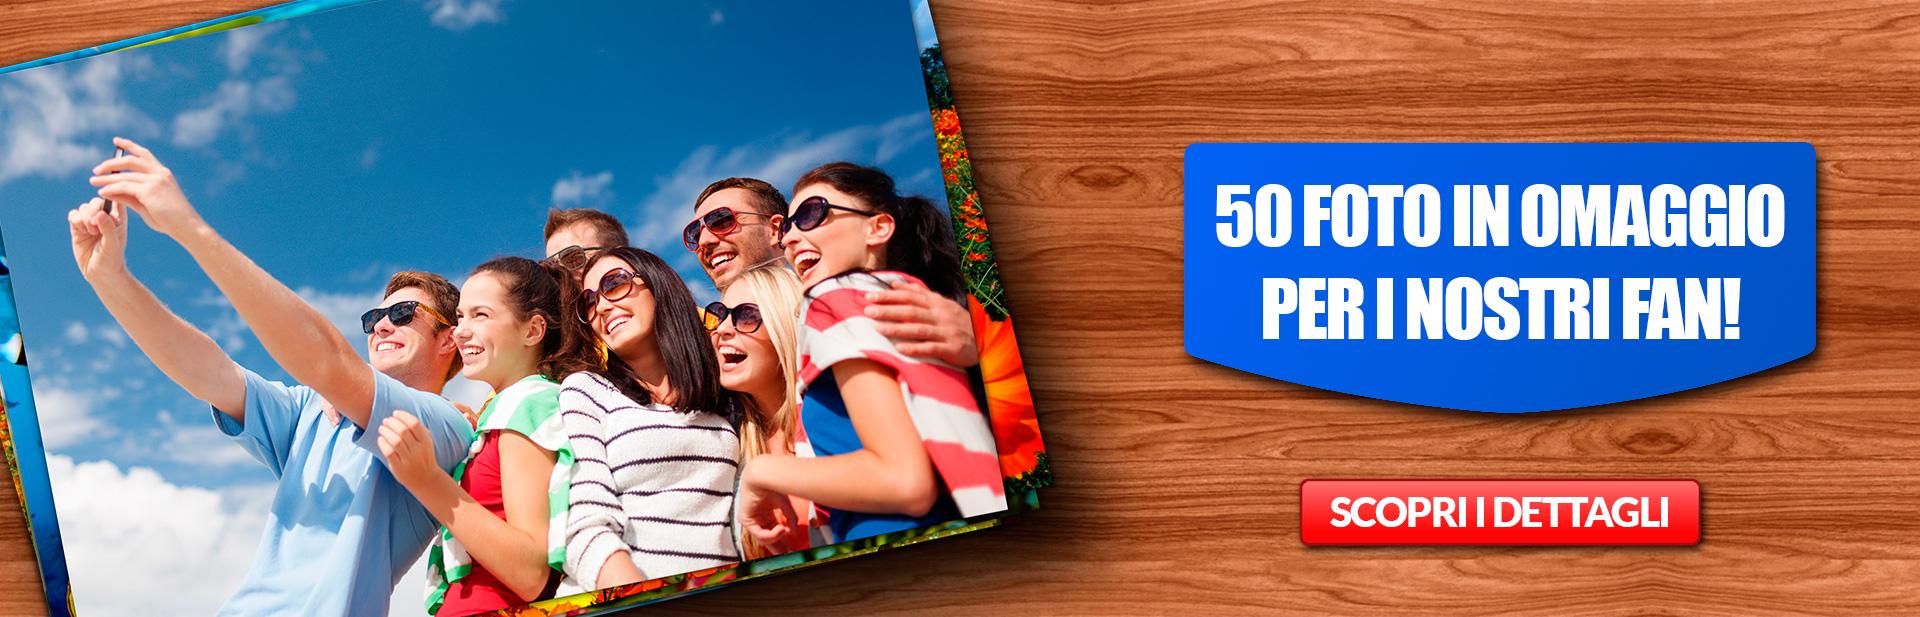 50-foto-in-omaggio-SL